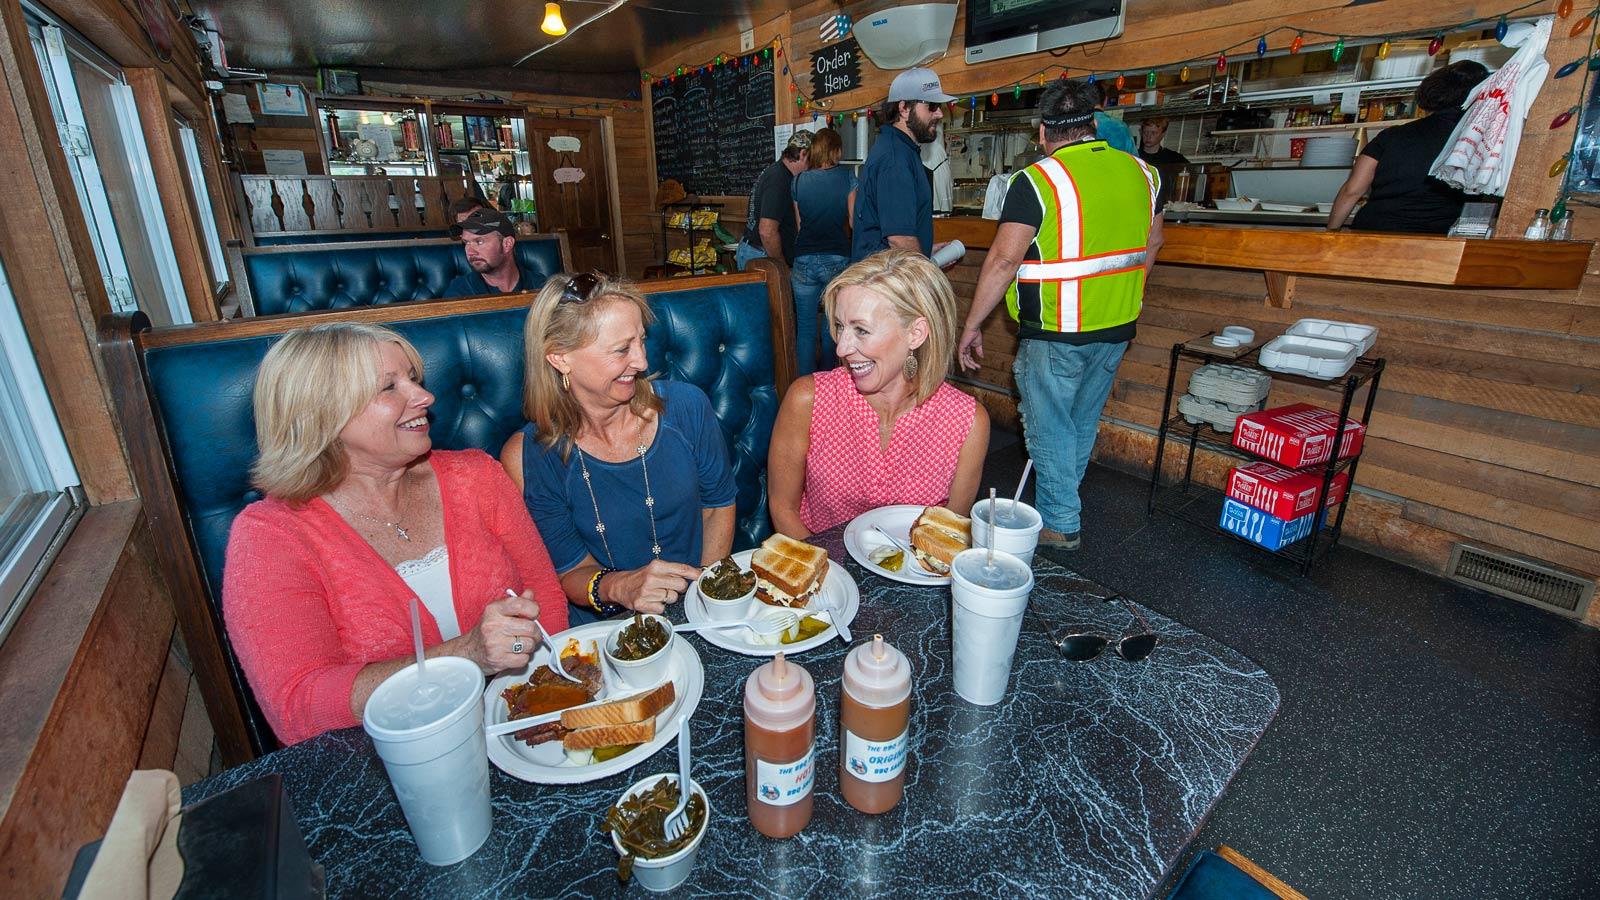 Restaurants In Garden City, GA